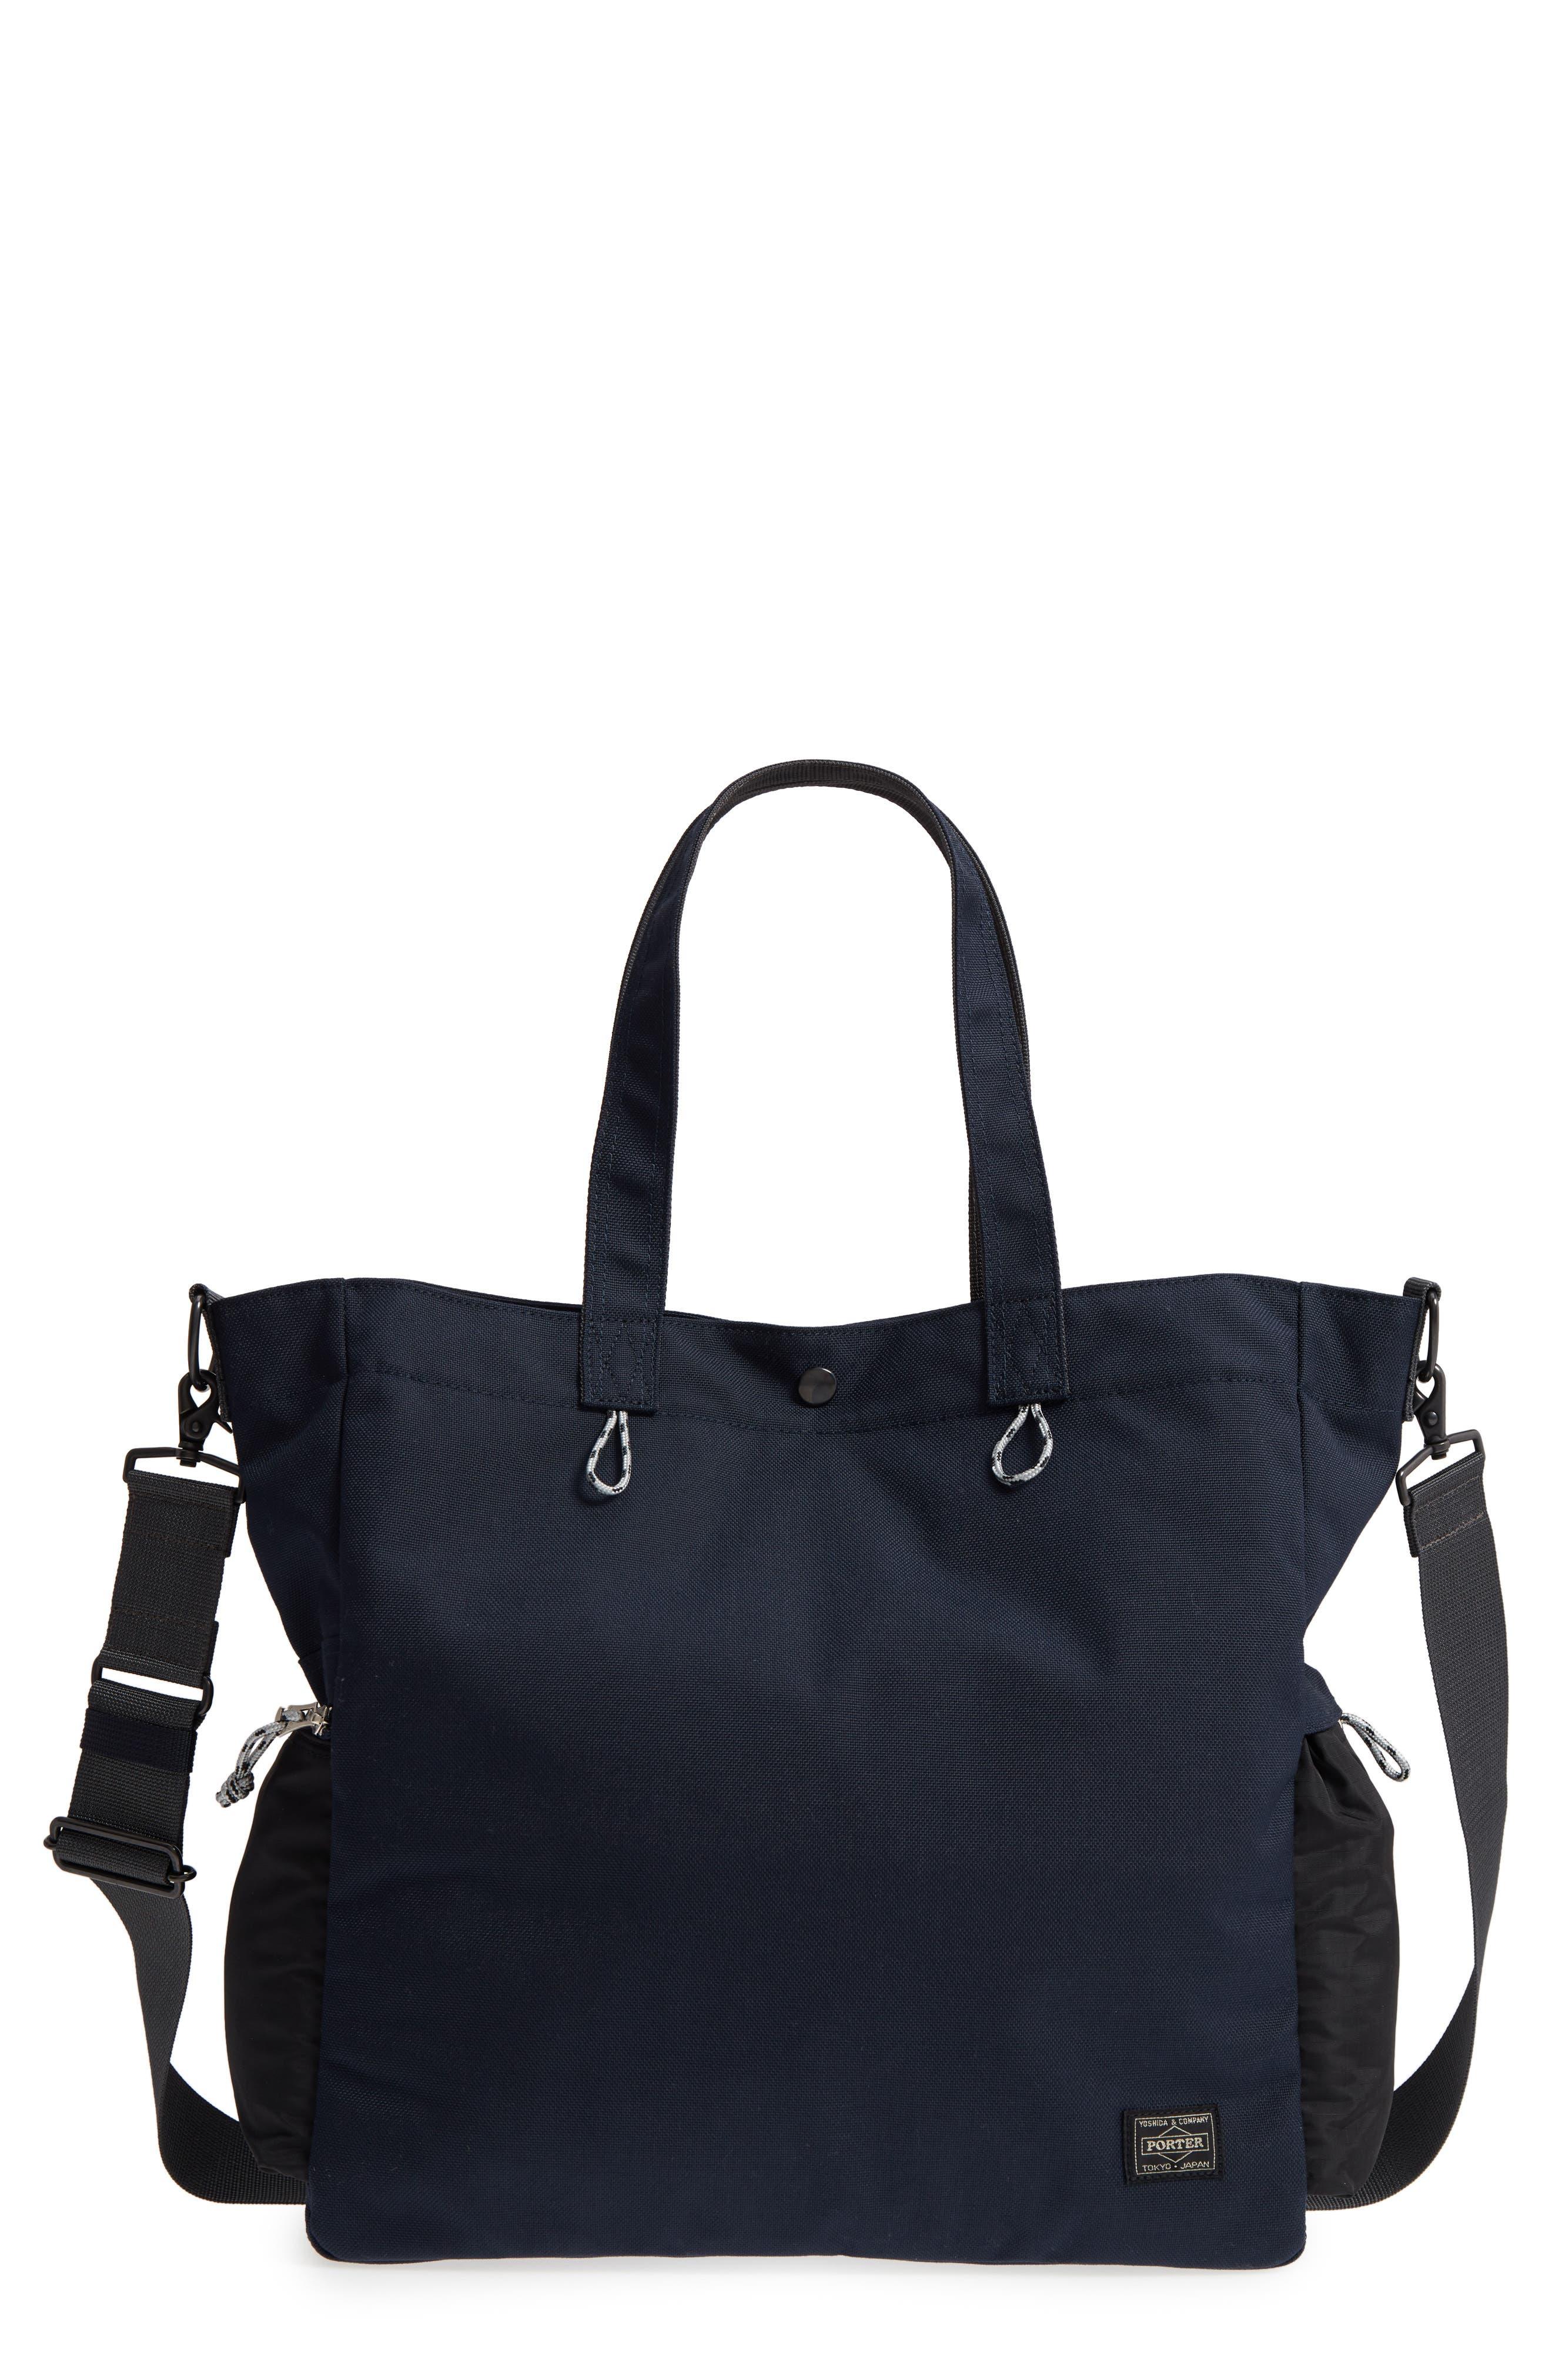 Porter-Yoshida & Co. Hype Tote Bag,                         Main,                         color, Navy/ Black